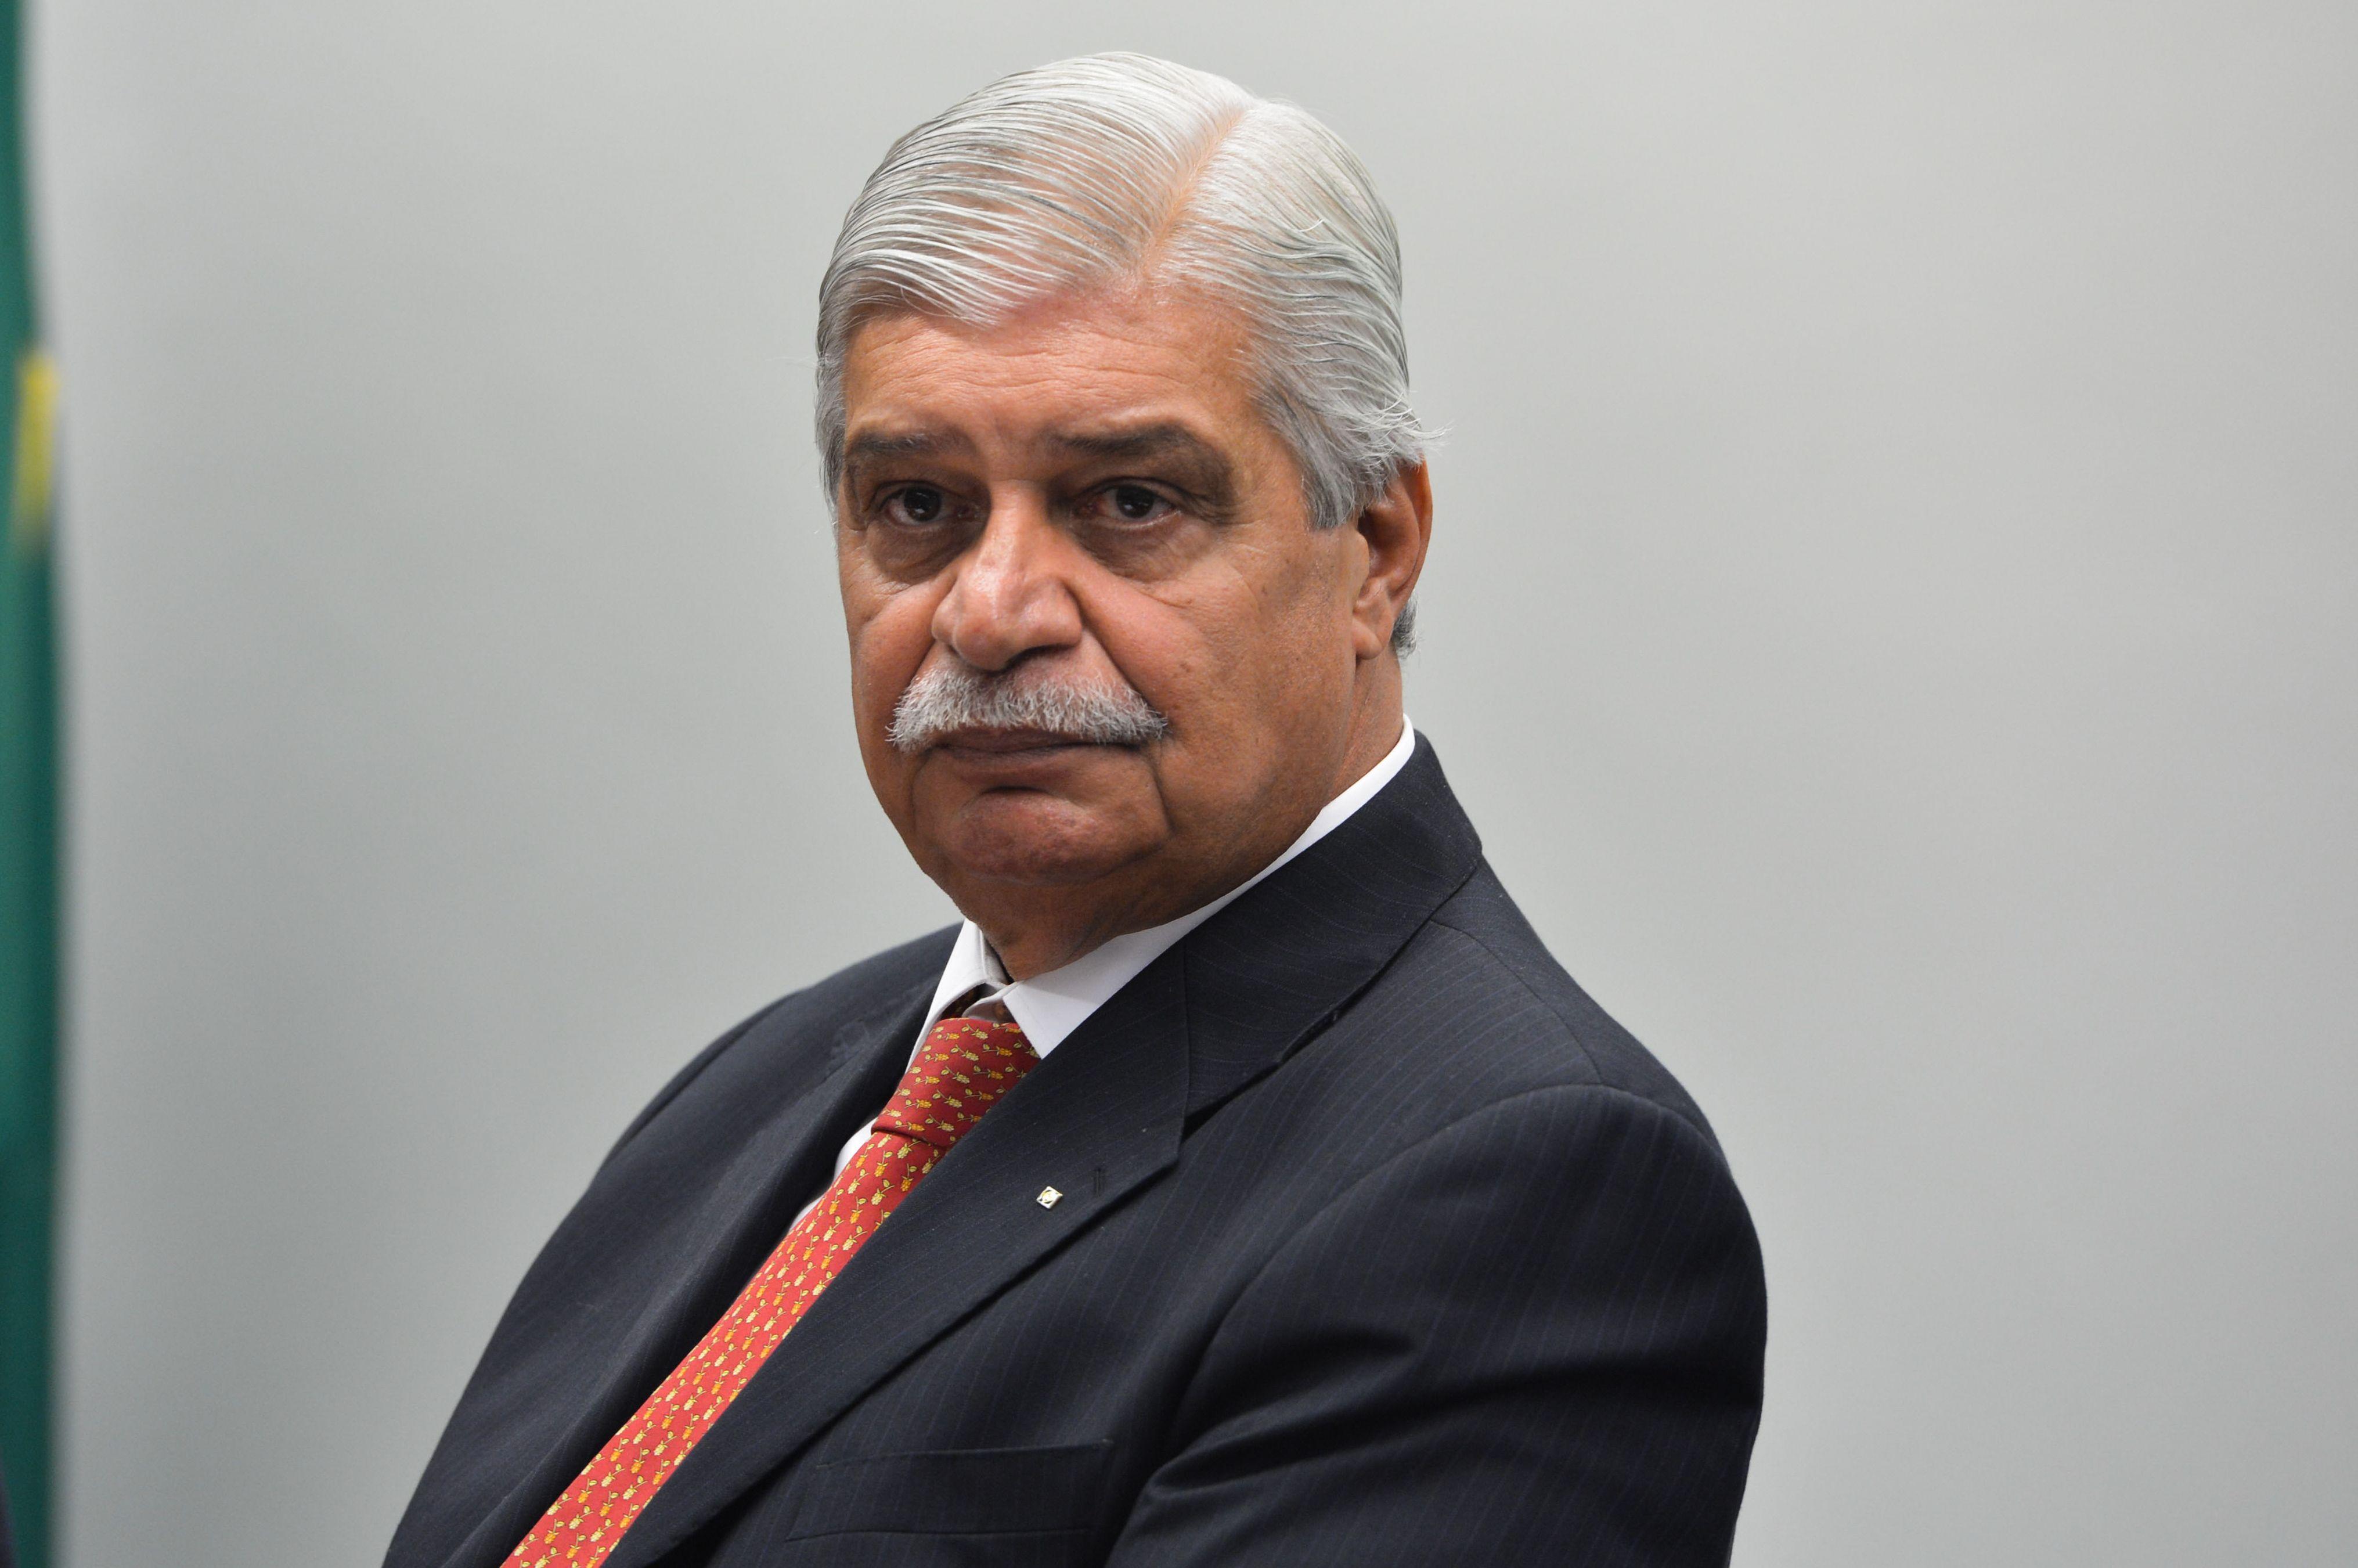 Em depoimento na CPI, ex-ministro defende Lula e BNDES